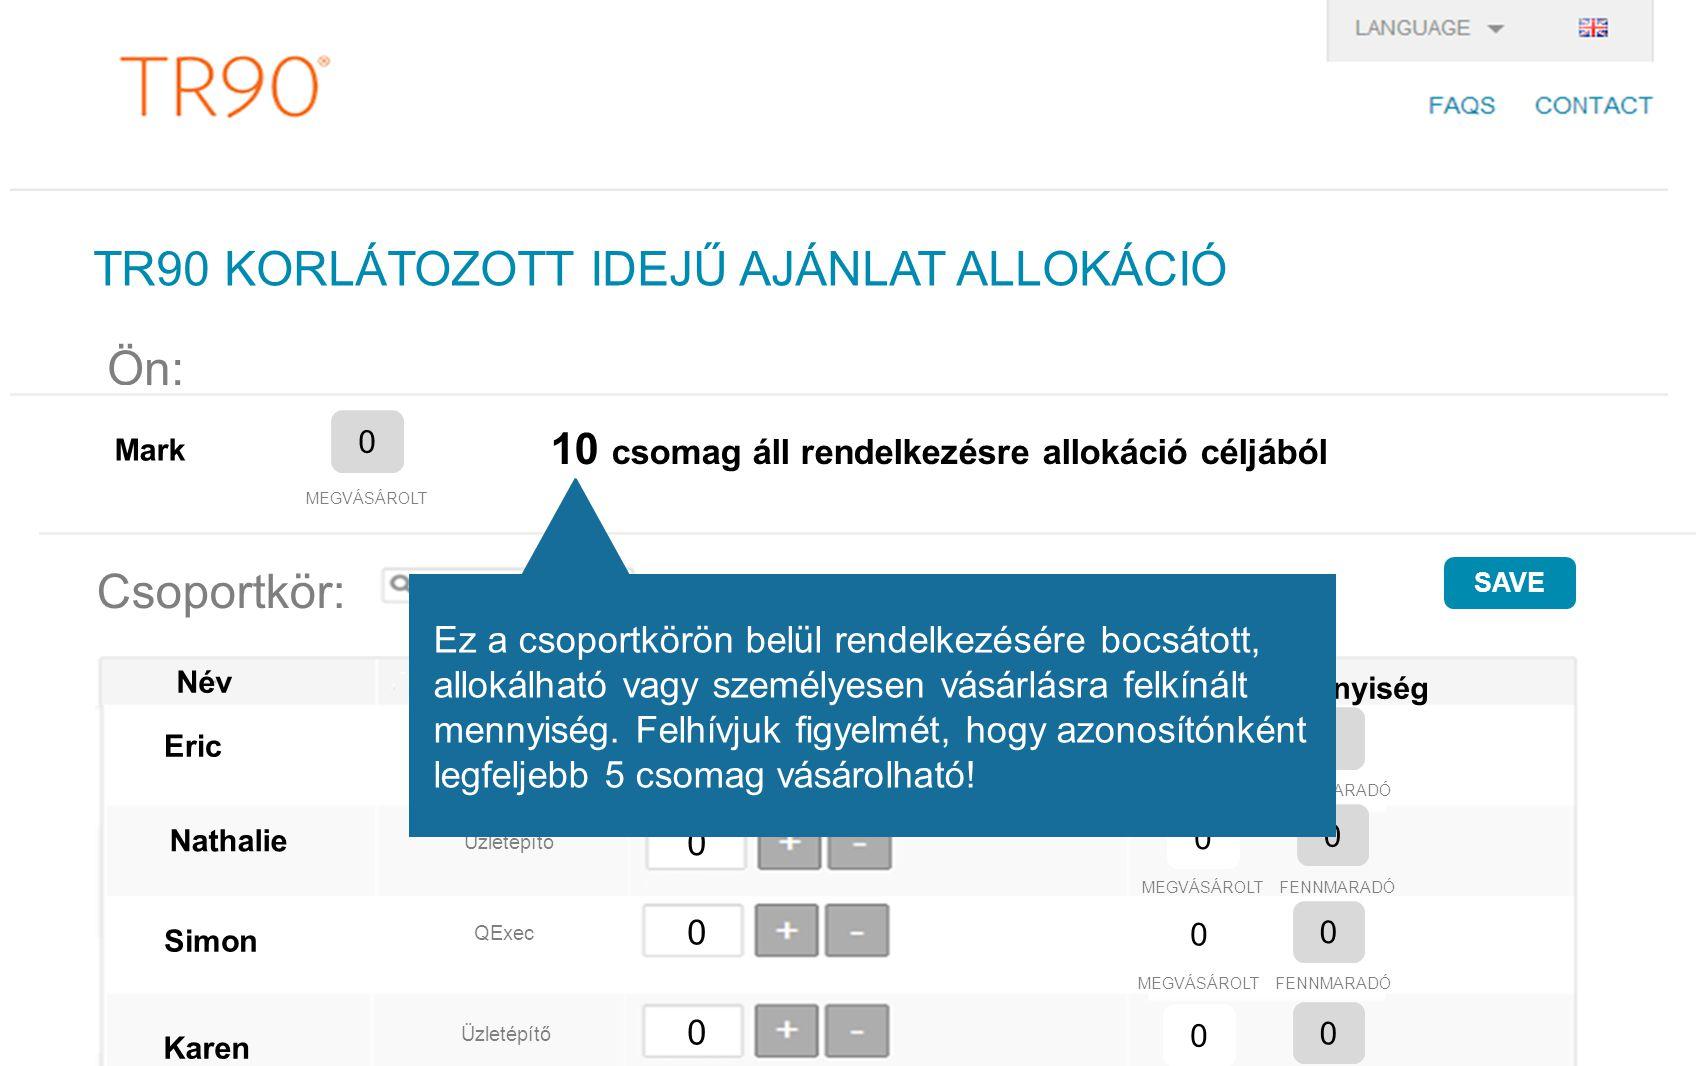 TR90 KORLÁTOZOTT IDEJŰ AJÁNLAT ALLOKÁCIÓ Ön: 0 Mark MEGVÁSÁROLT 10 csomag áll rendelkezésre allokáció céljából Csoportkör: search Név Kitűzői cím Allokált csomagok Jogosultság: mennyiség 0 0 MEGVÁSÁROLT FENNMARADÓ Eric Nathalie Simon Karen 0 0 MEGVÁSÁROLT FENNMARADÓ 0 0 MEGVÁSÁROLT FENNMARADÓ 0 0 MEGVÁSÁROLT FENNMARADÓ Üzletépítő QExec LOI Üzletépítő SAVE 0 0 0 0 Ez a csoportkörön belül rendelkezésére bocsátott, allokálható vagy személyesen vásárlásra felkínált mennyiség.